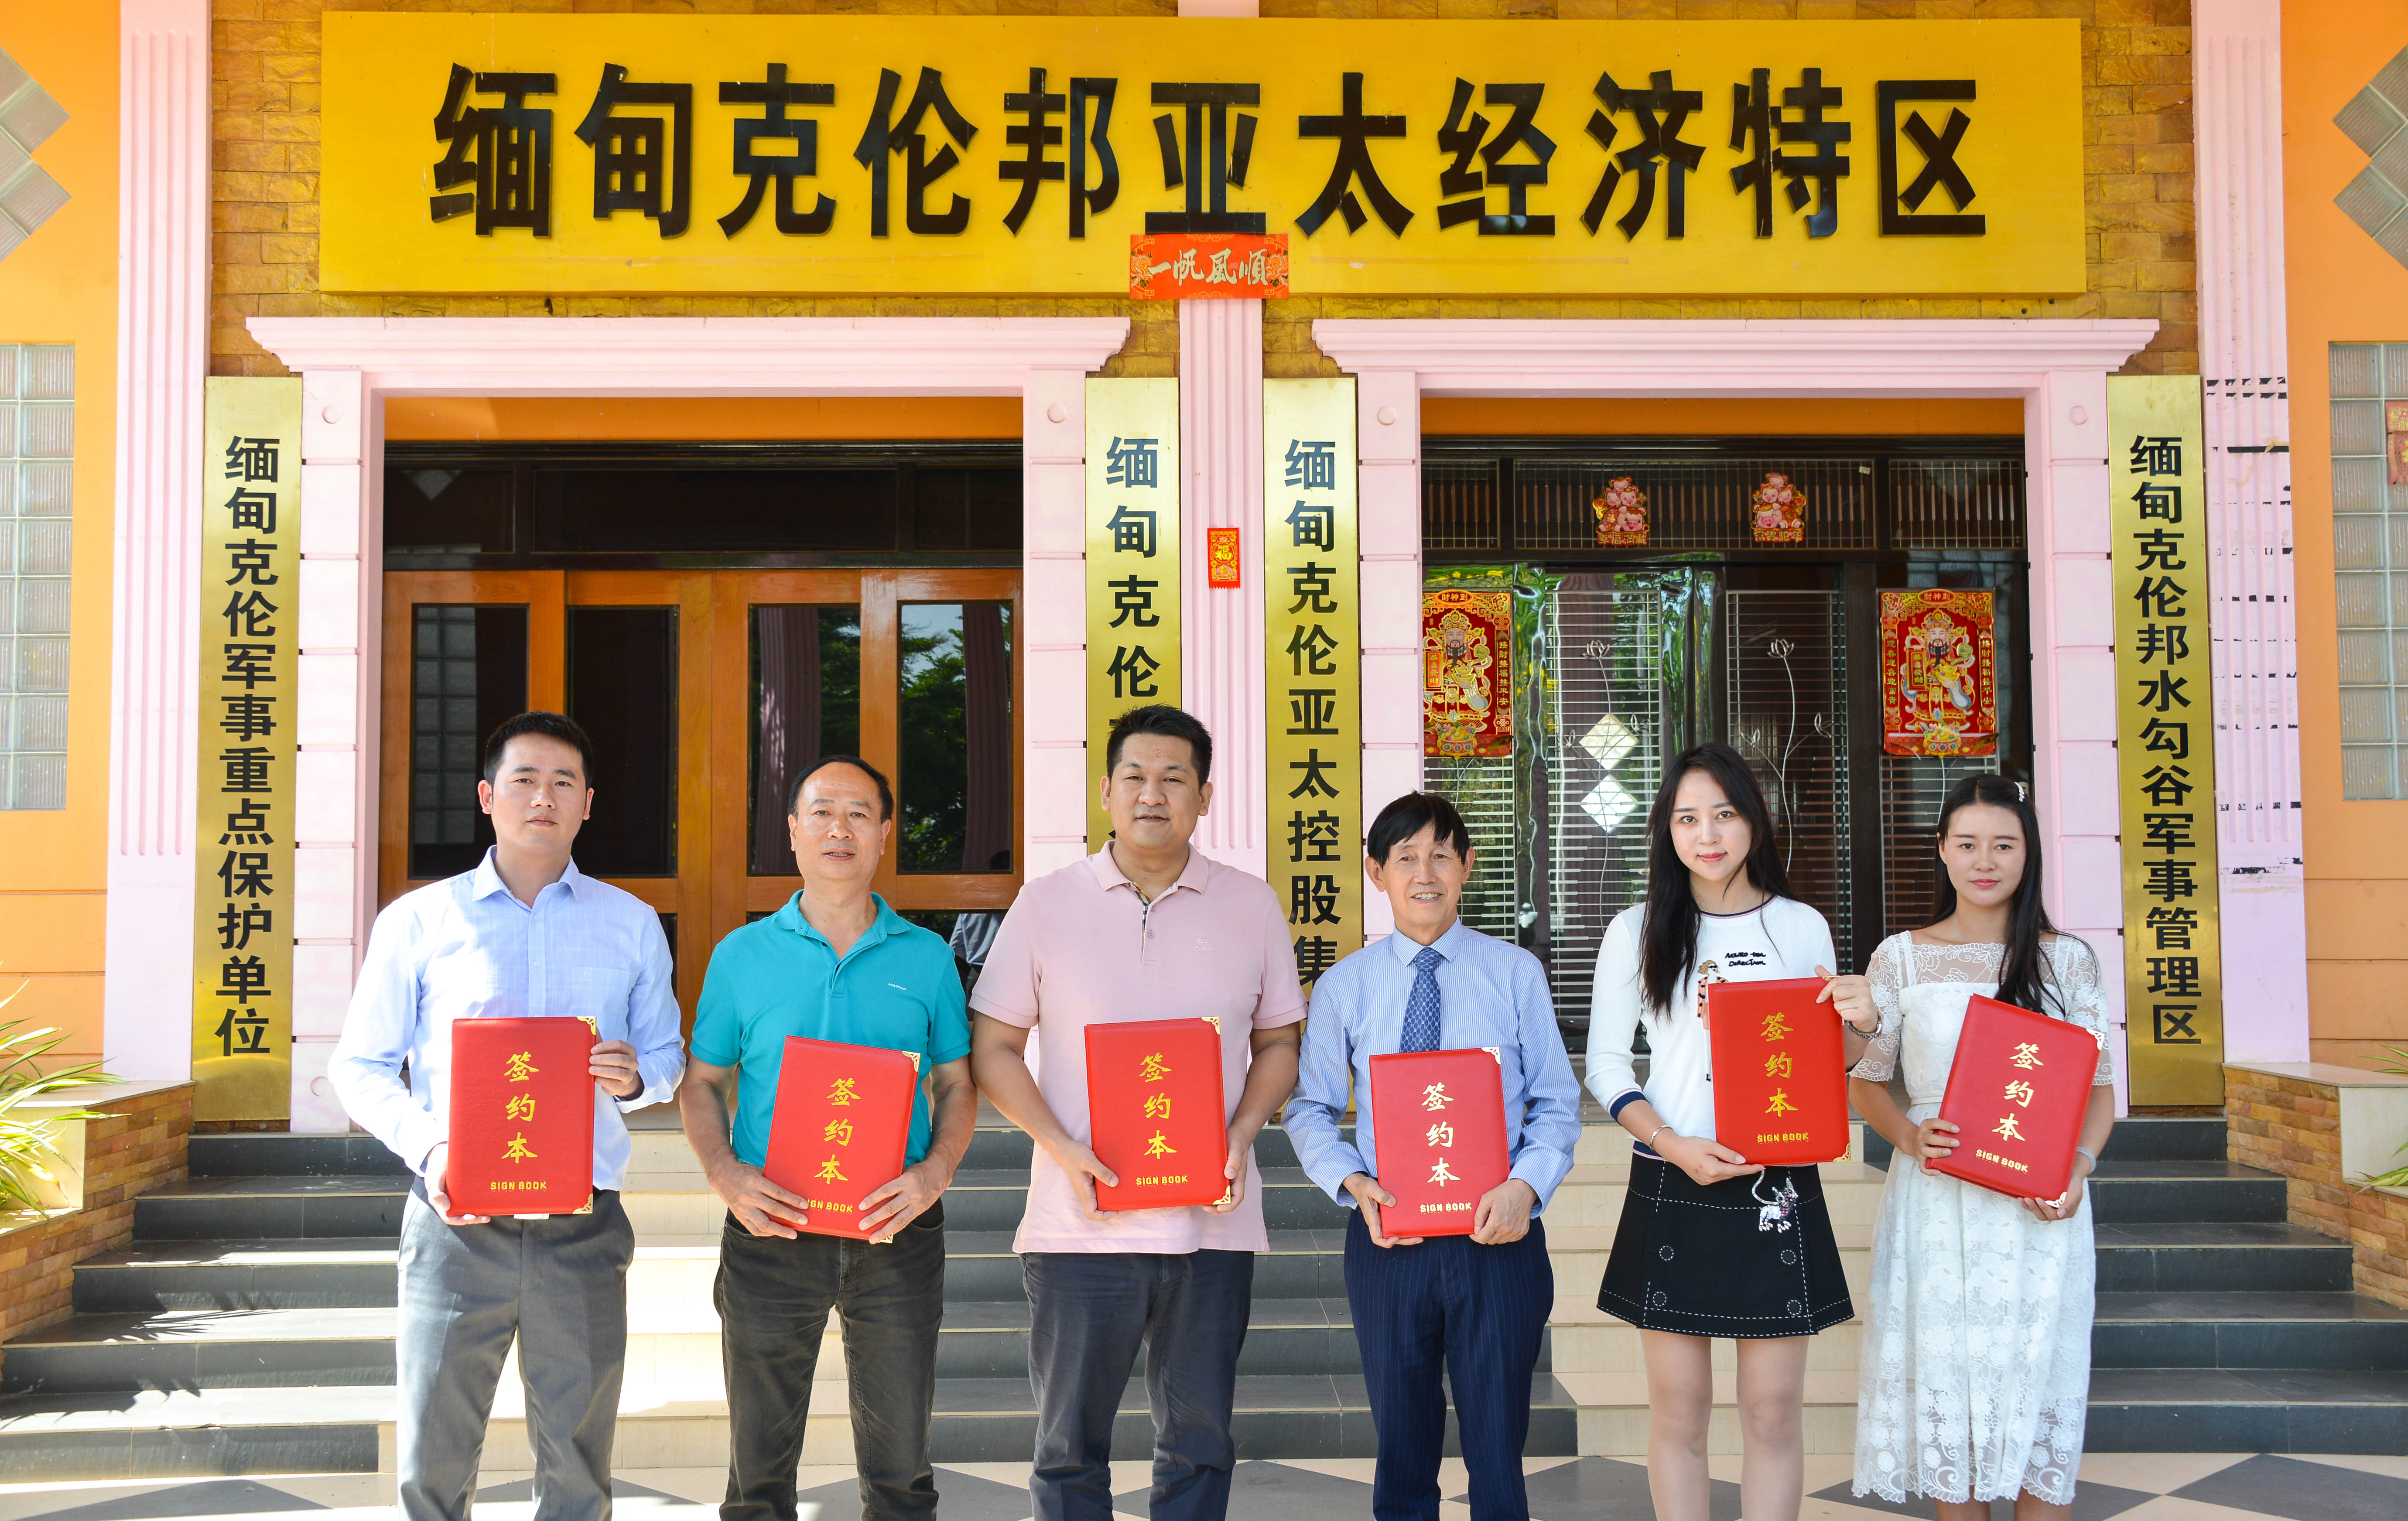 亚太国际控股集团与云南科达集团公司——多维度战略合作成功签约